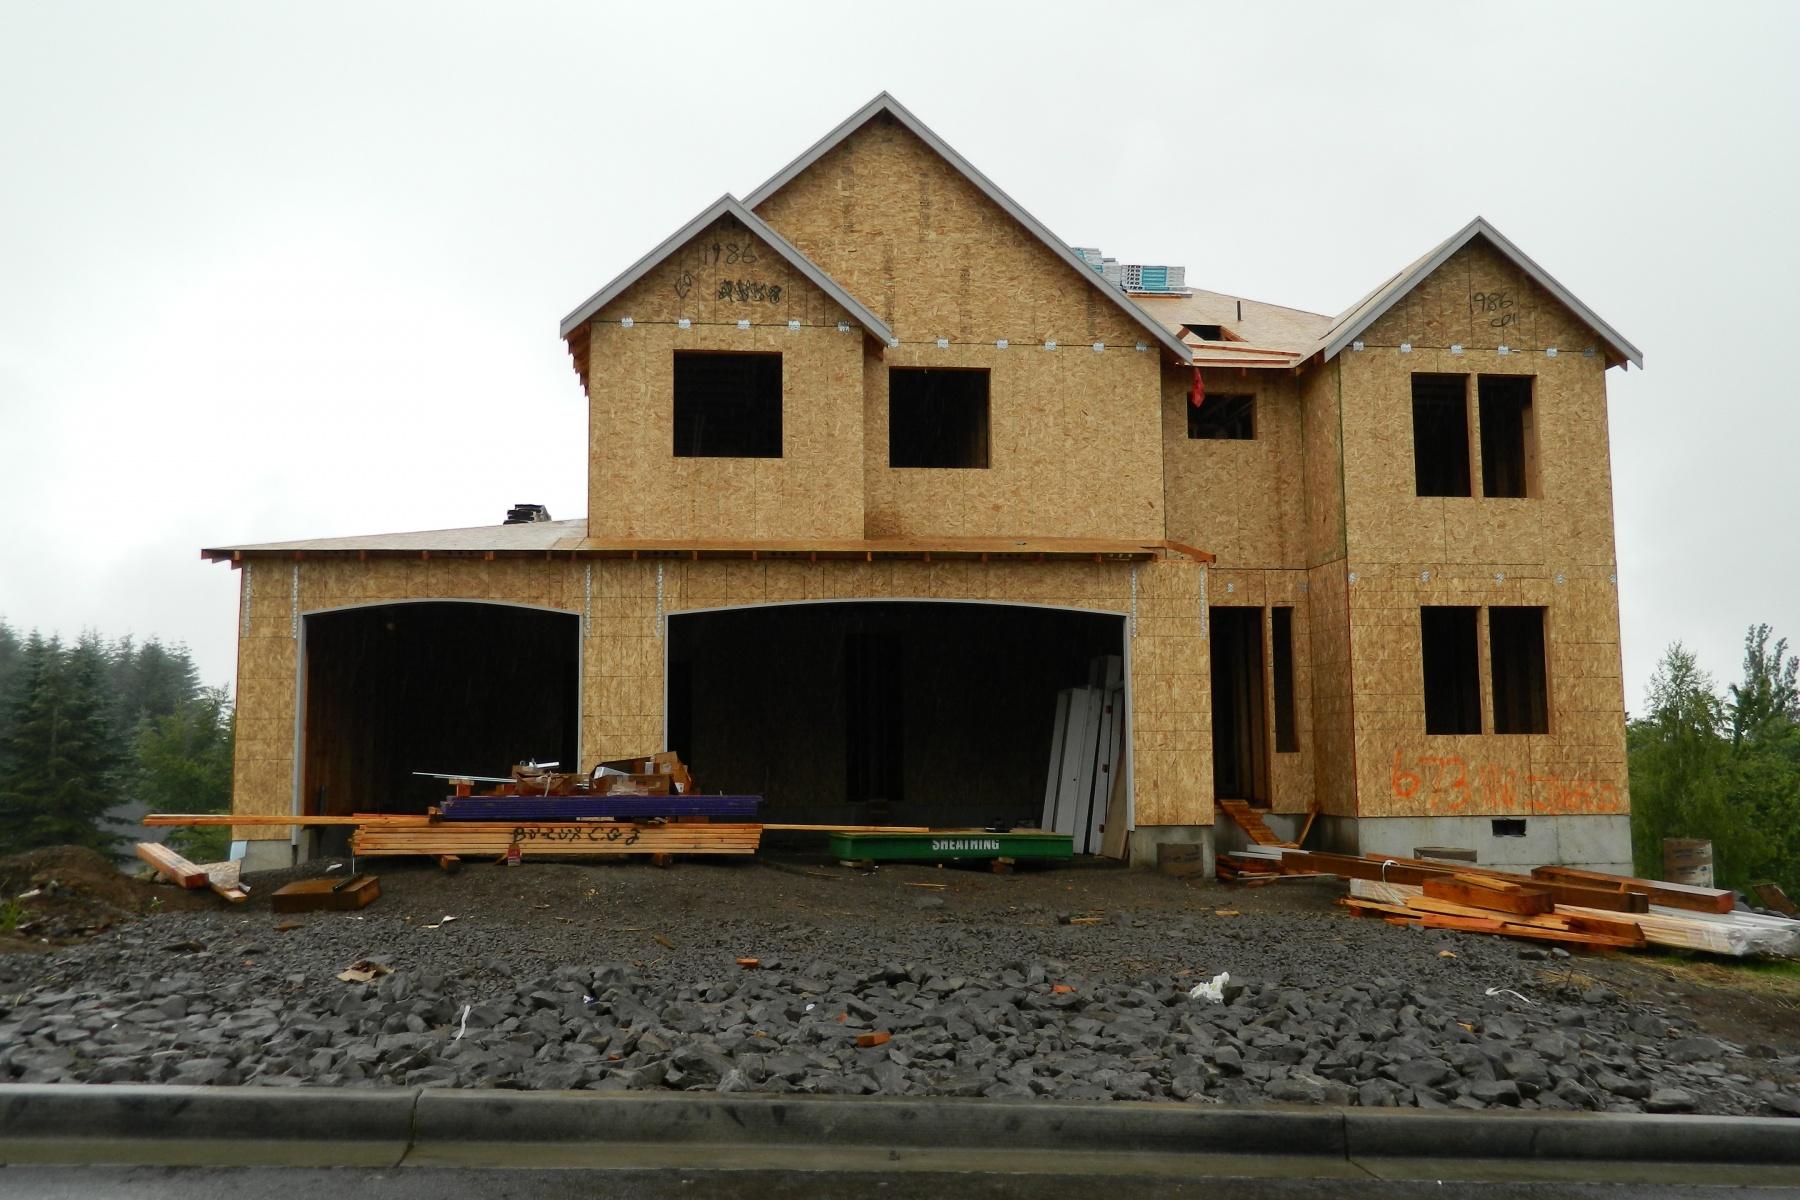 Single Family Home for Sale at 673 Ilwaco St , Camas, WA 98607 673 NW Ilwaco St Camas, Washington 98607 United States